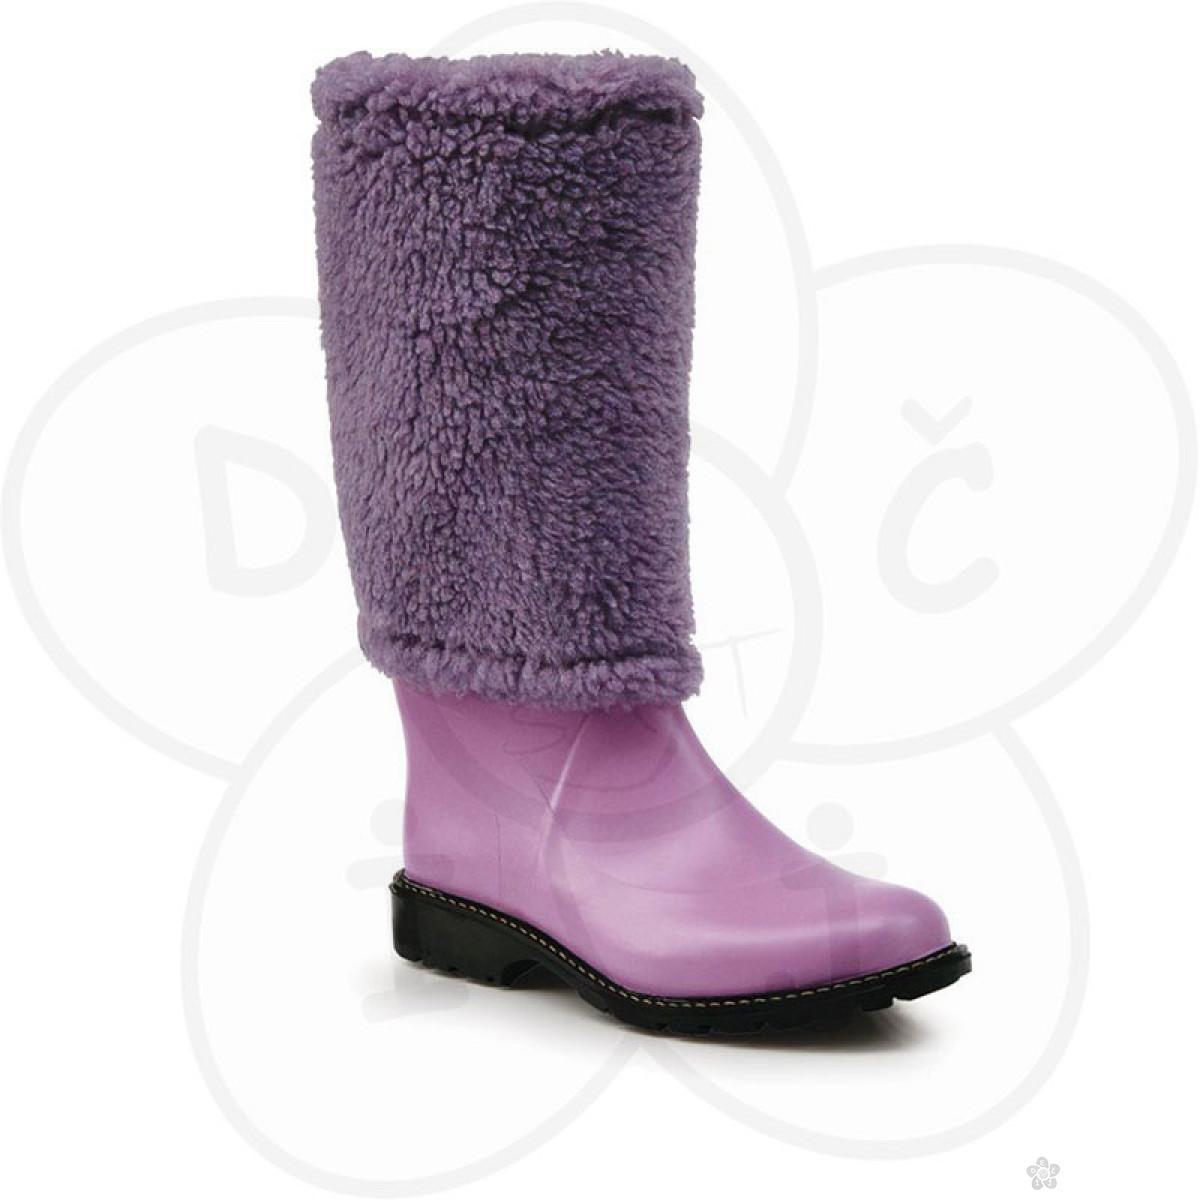 Maniera čizme Classic&Fur, violet